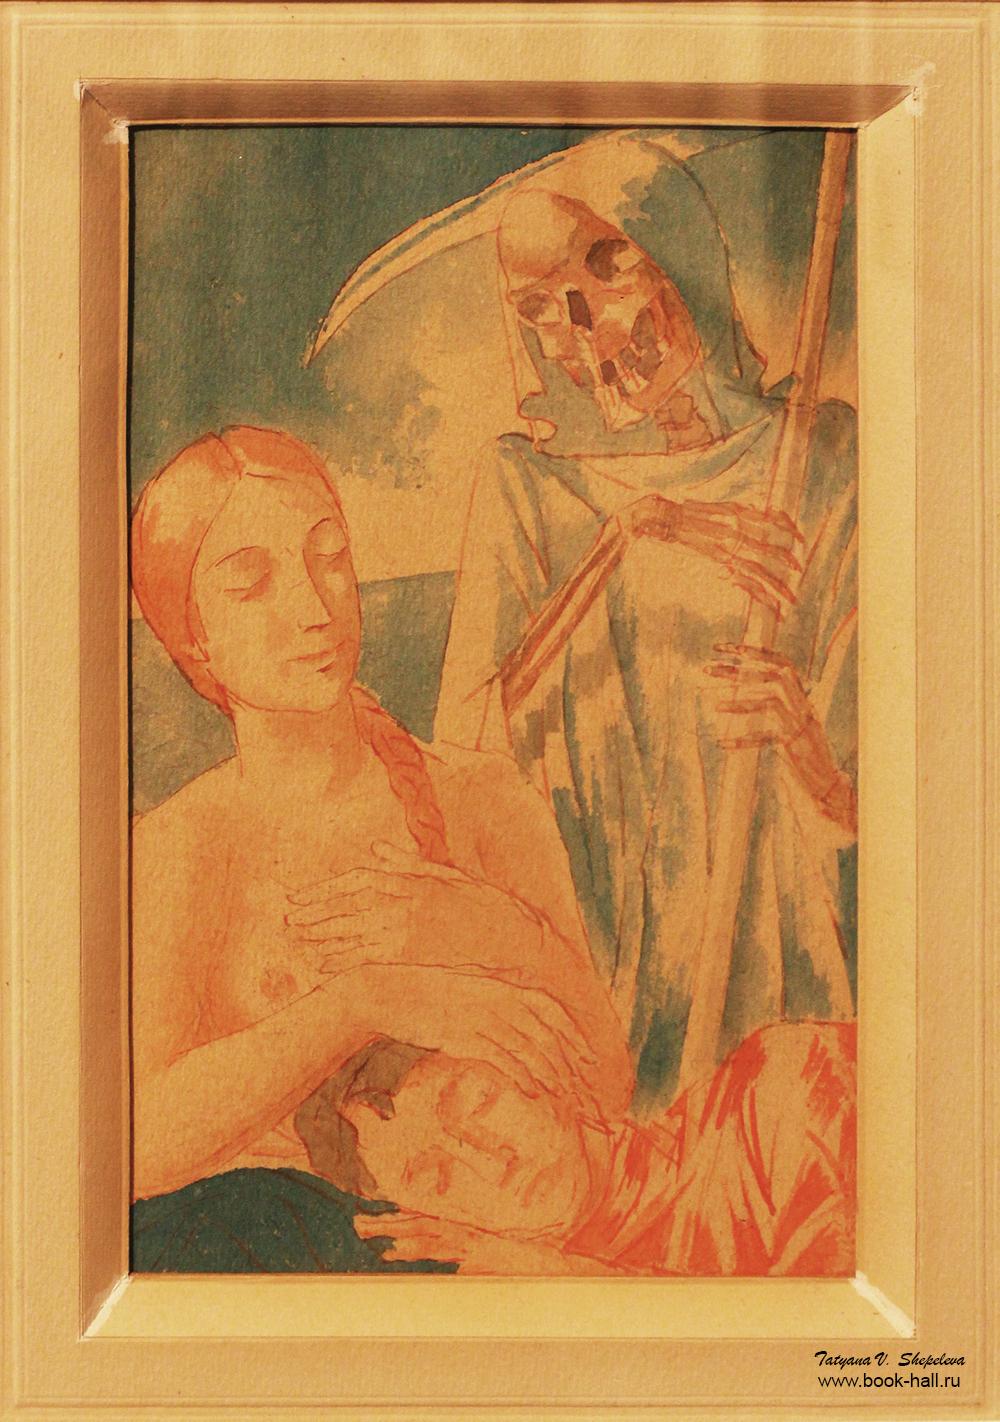 К.С.Петров-Водкин. Девушка и смерть. Иллюстрация к поэме М.Горького. 1932 (2).jpg